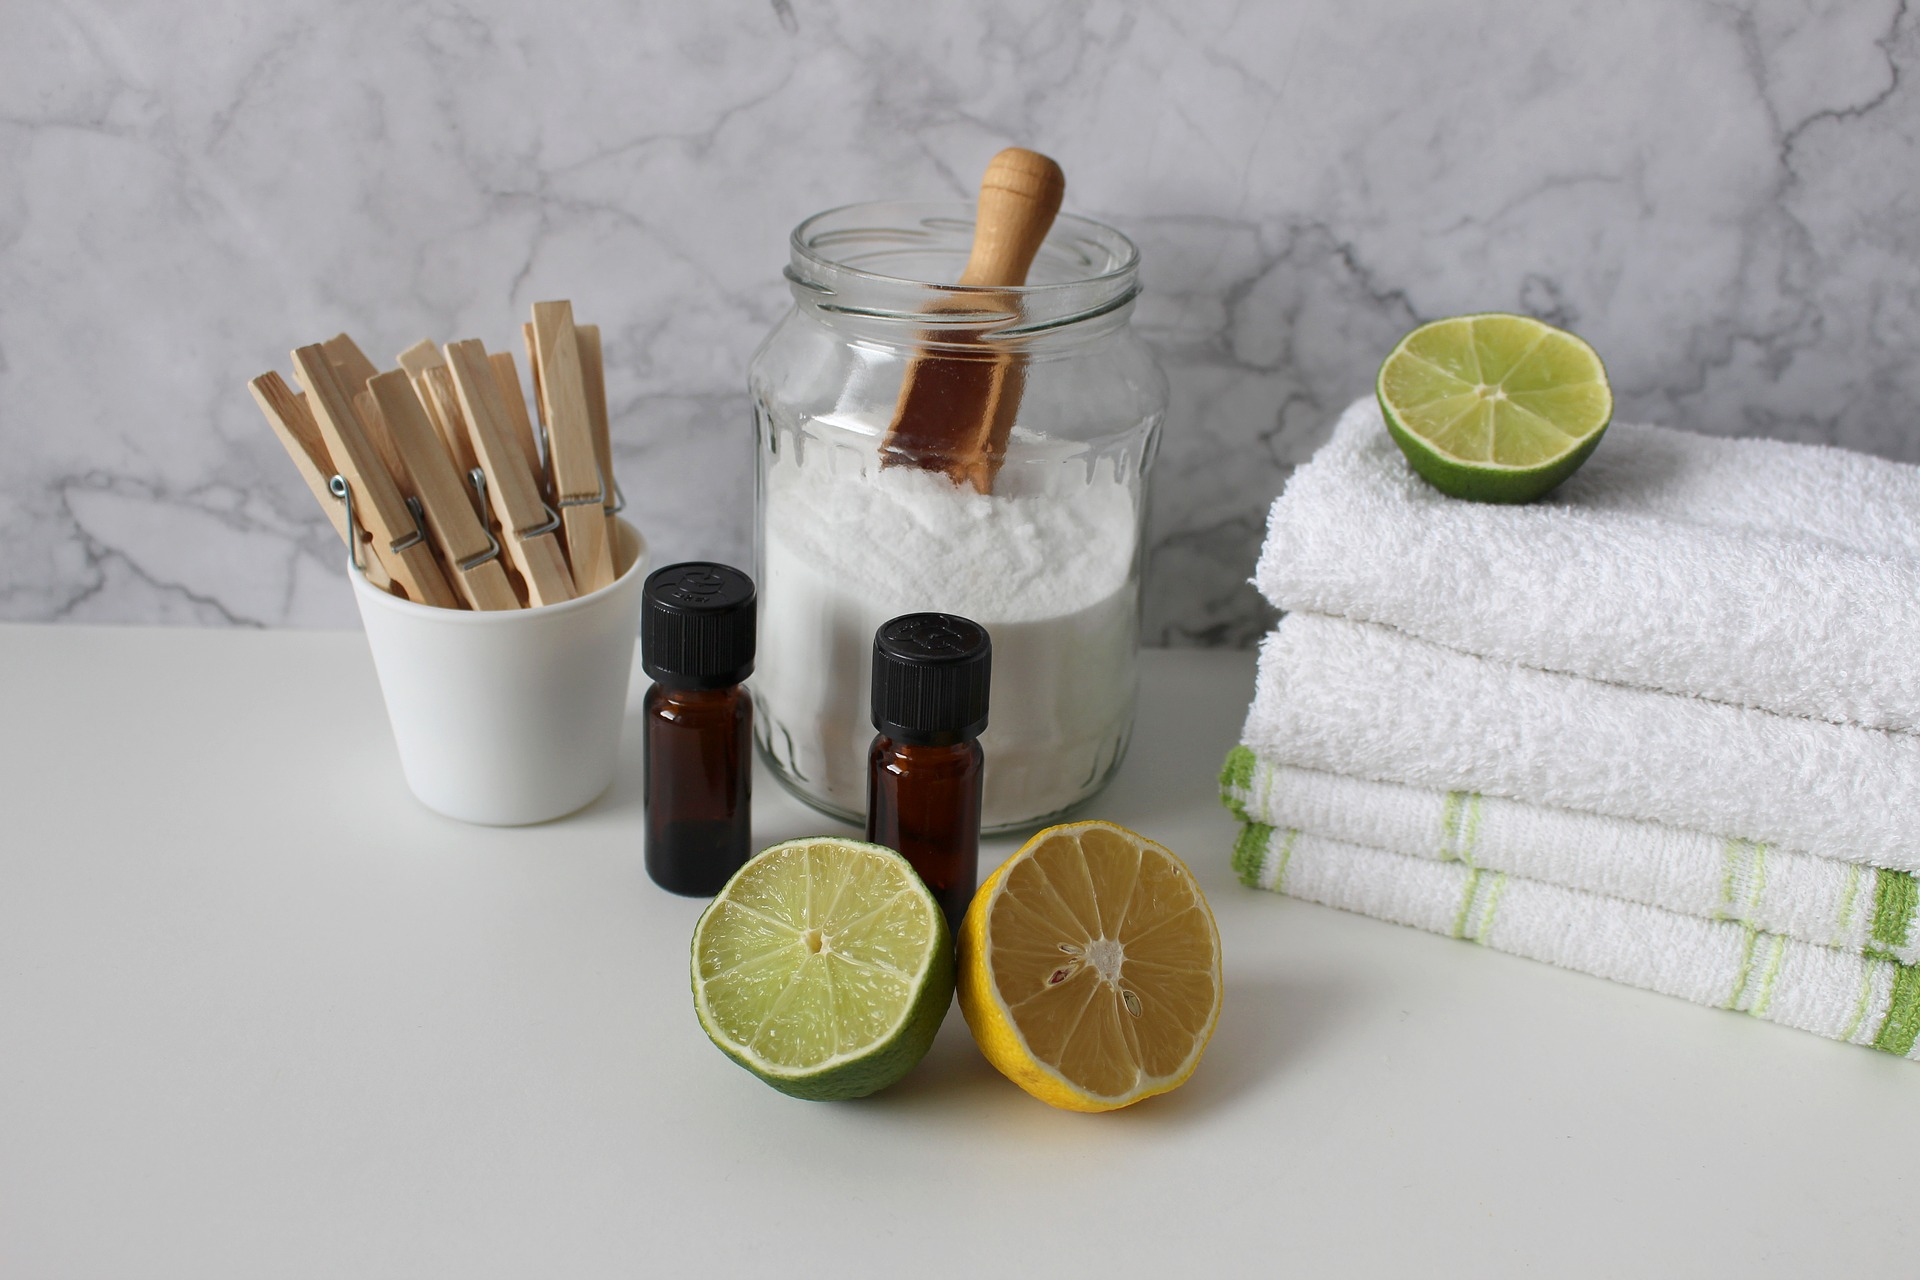 Foto de um pote com bicarbonato, com limões, toalhas e um pote com pregadores. Ilustração do texto sobre como limpar carpete de casa.